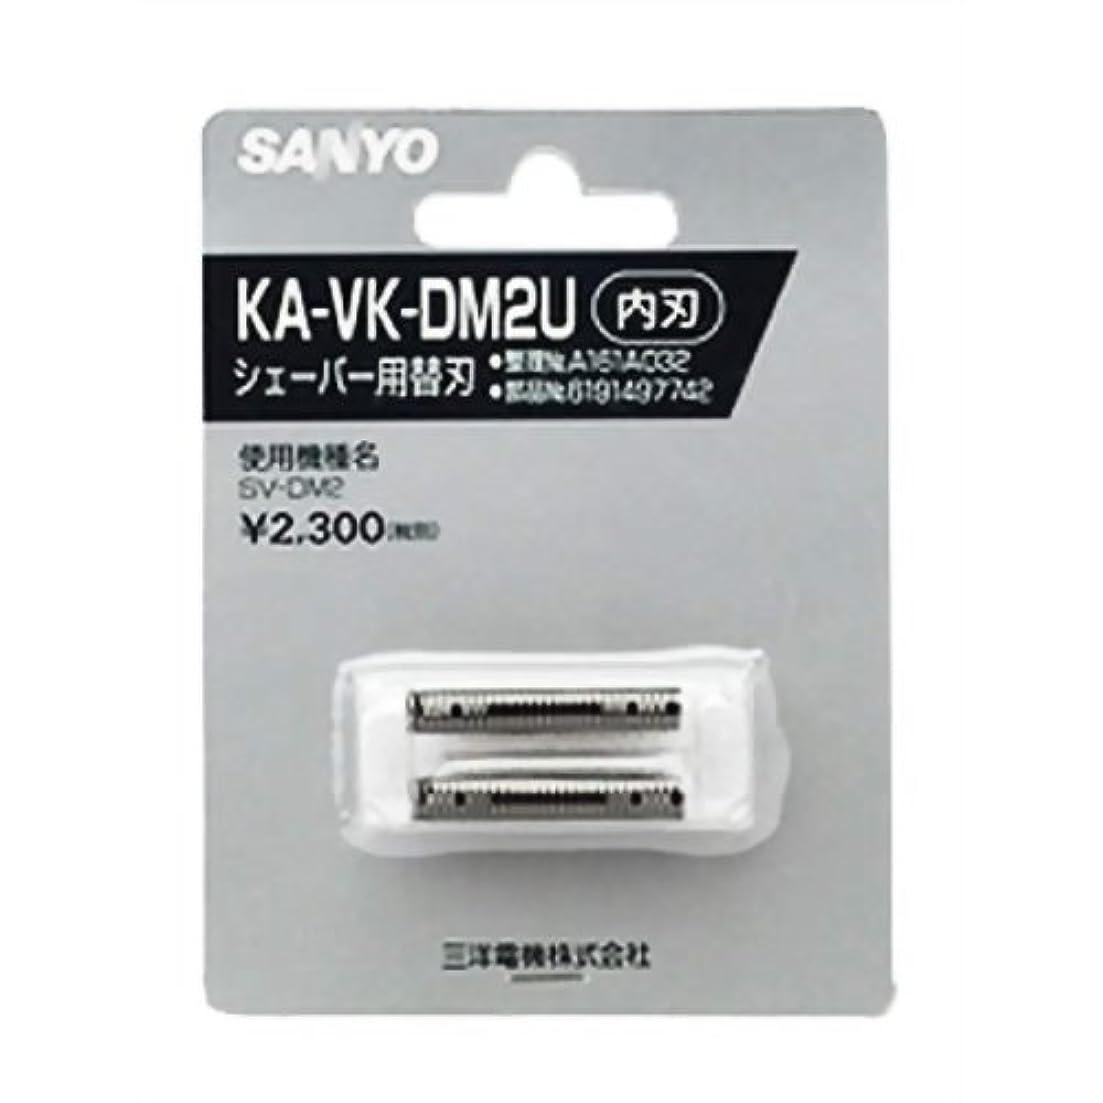 安全証言する創造SANYO (サンヨー) KA-VK-DM2U シェーバー替刃 (内刃)